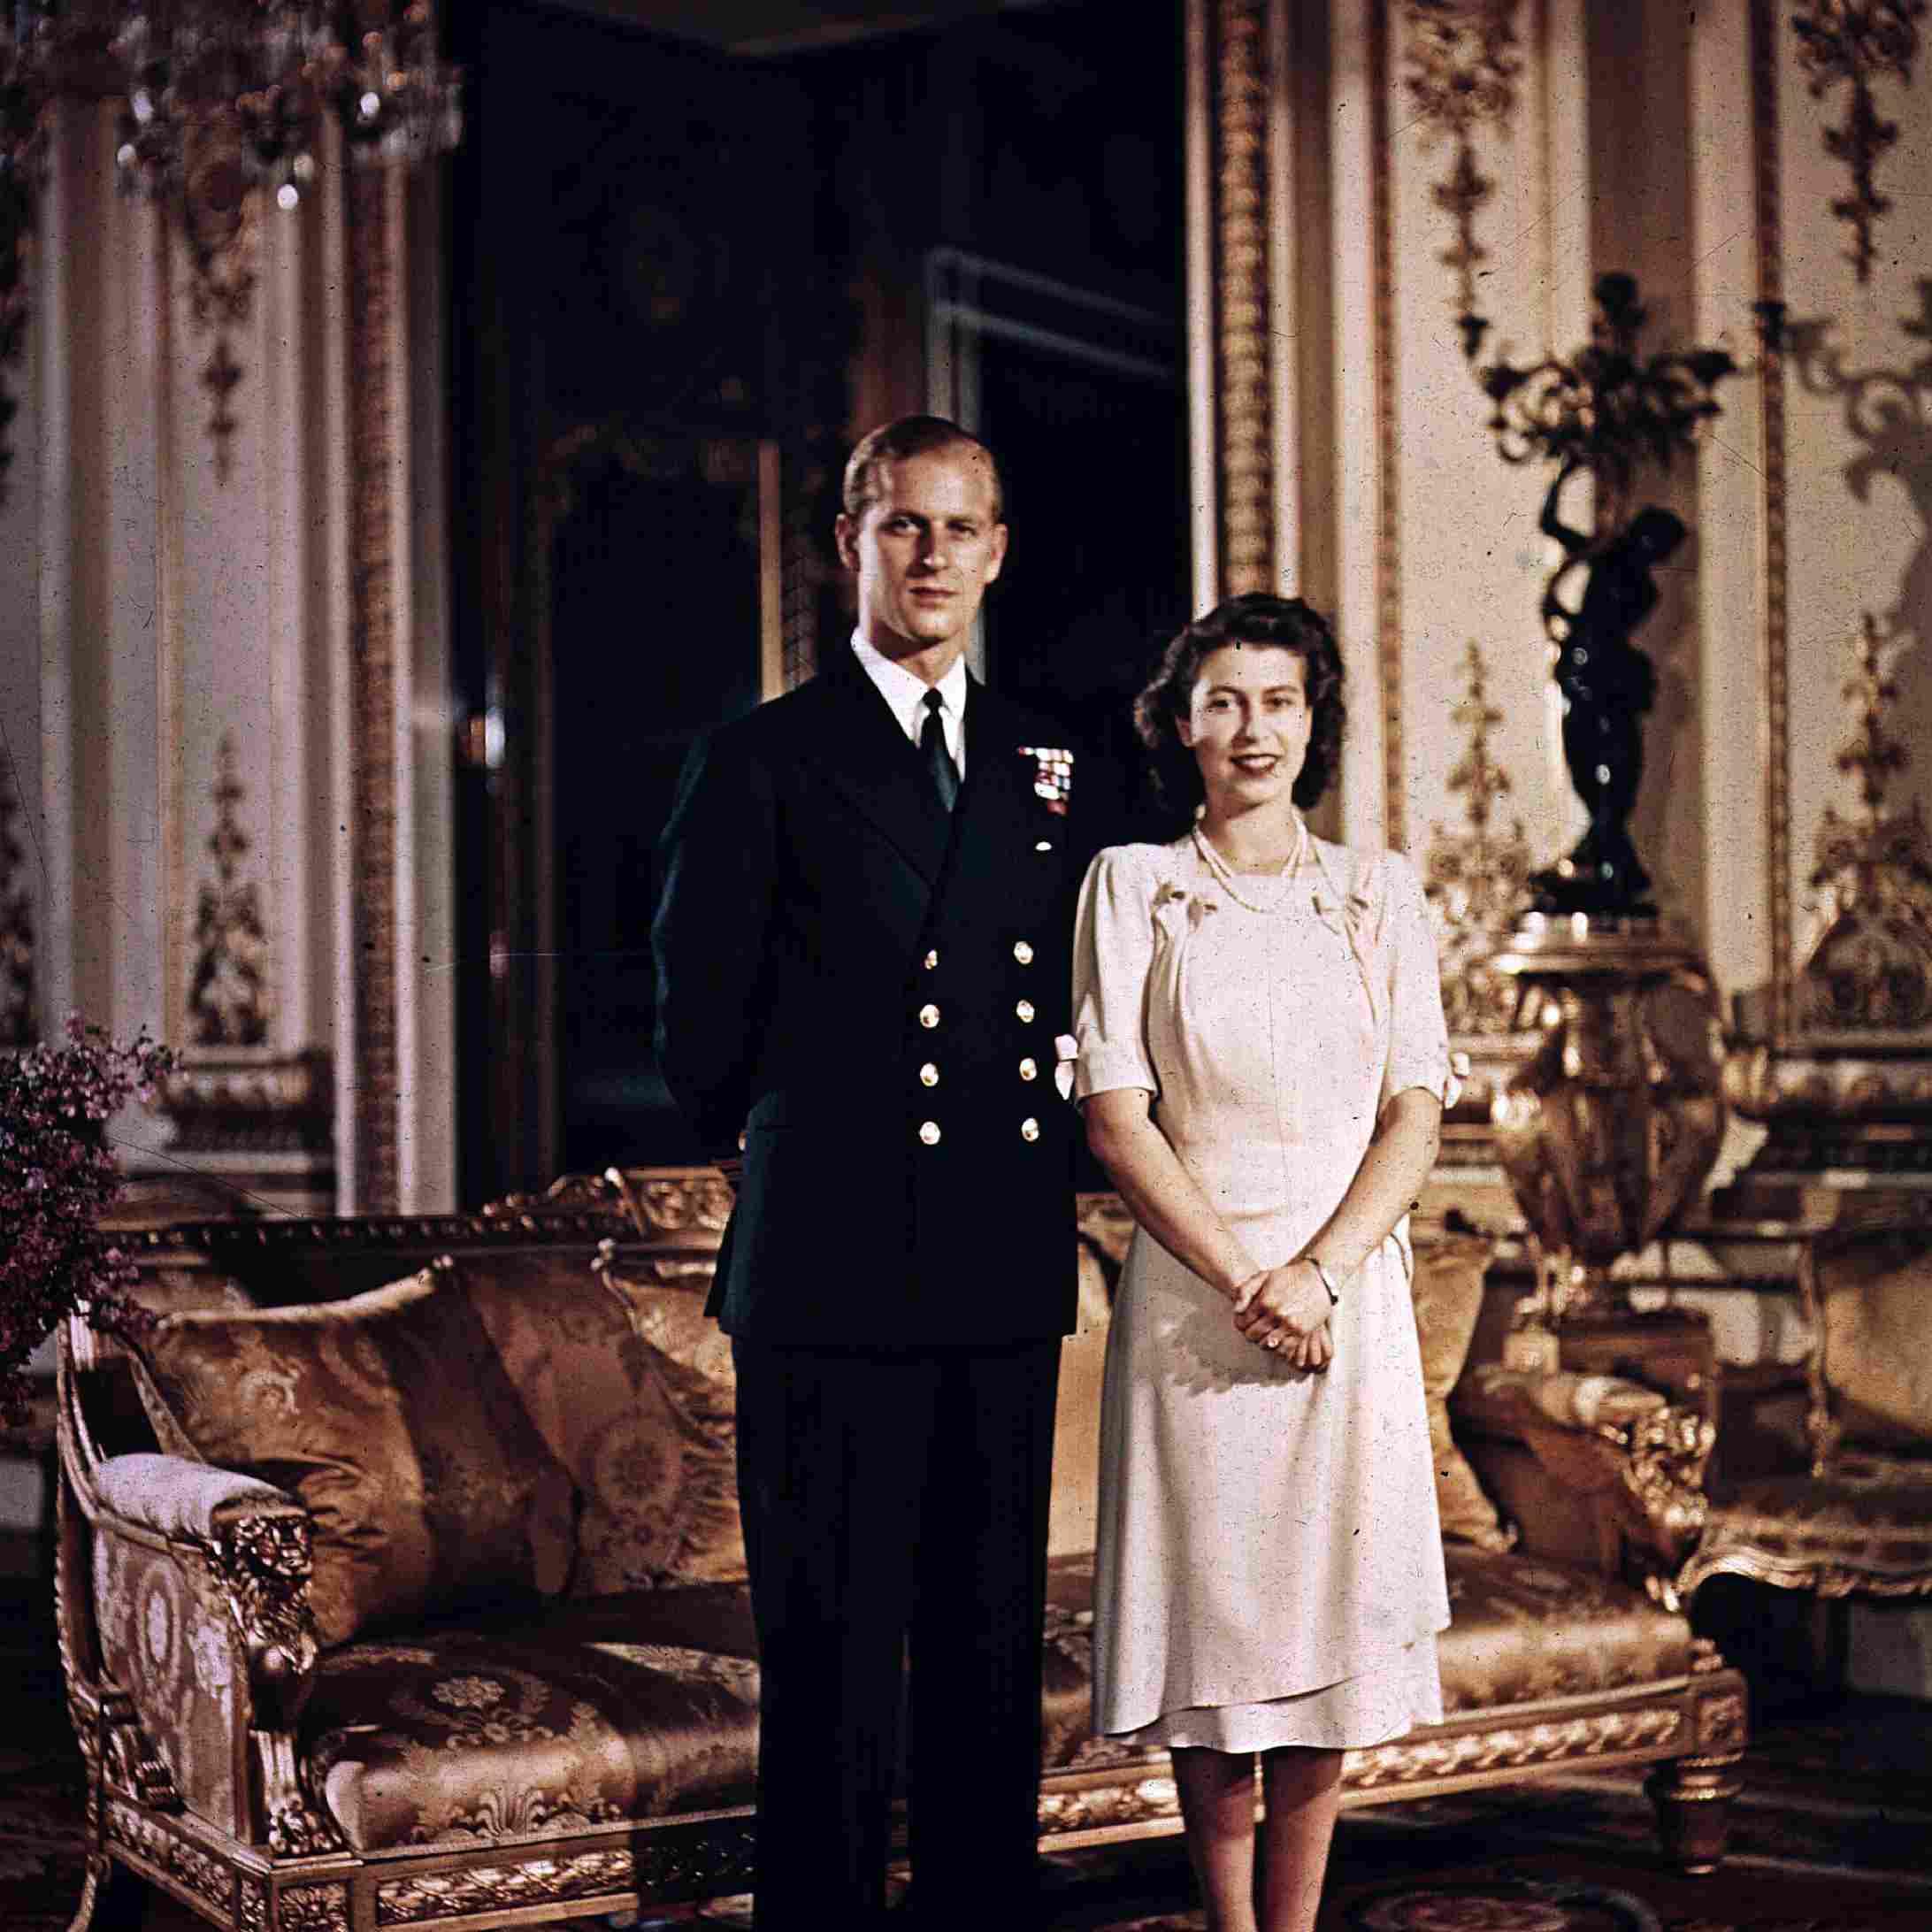 エリザベス王女とフィリップ王子